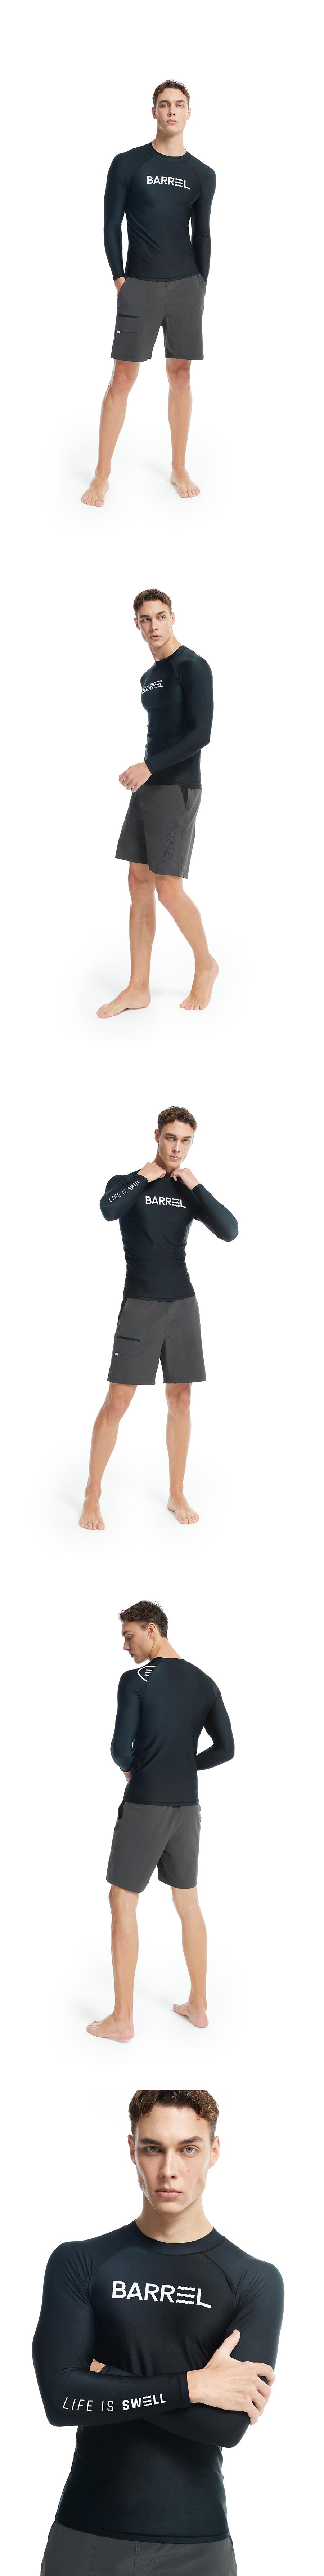 배럴(BARREL) 맨 베이직 썬 래쉬가드 블랙 (BG2MWRG05BLK)